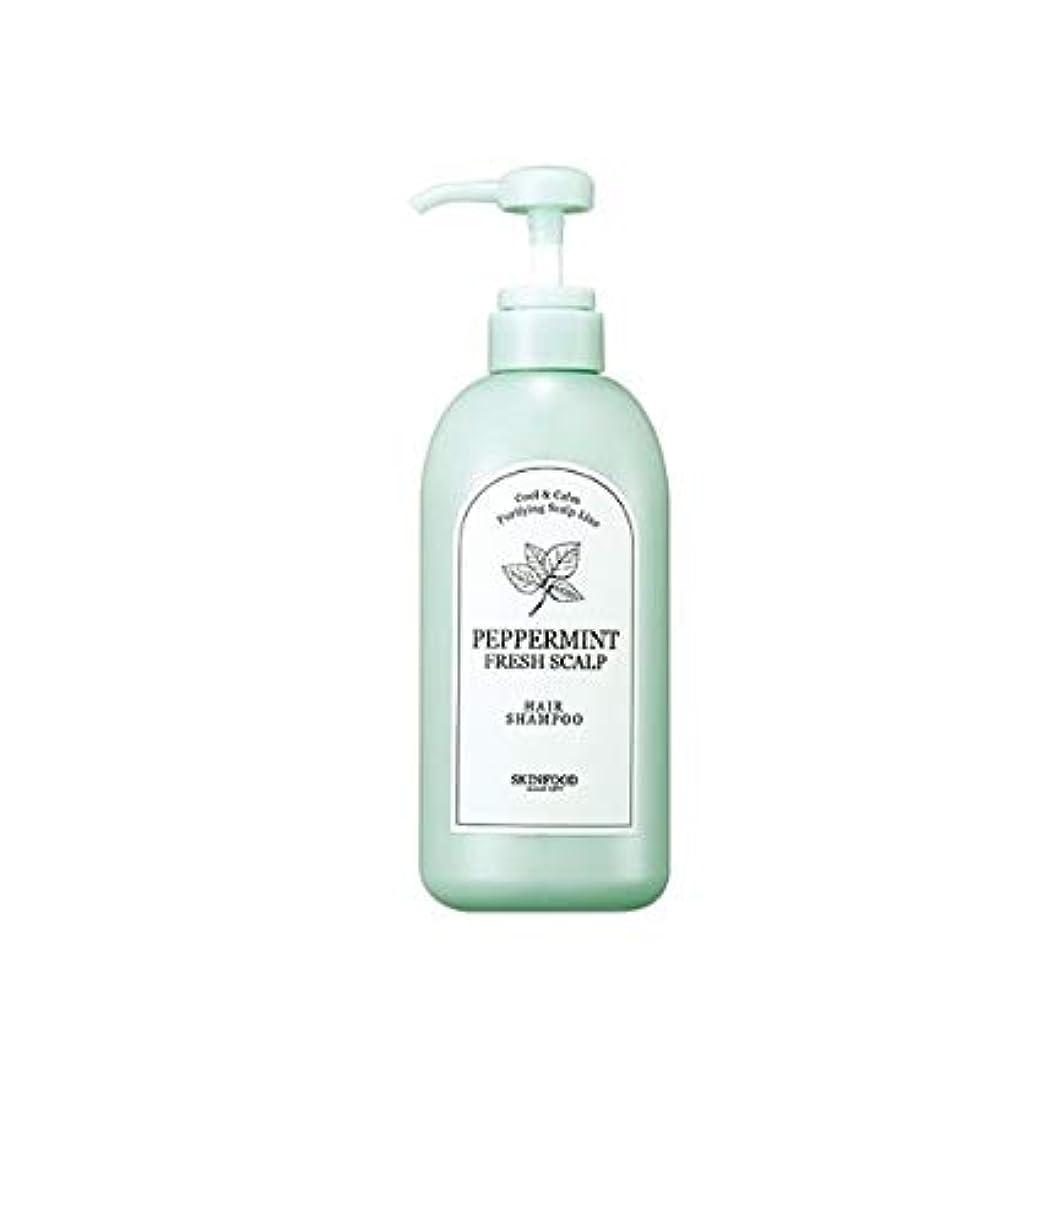 普及商標キネマティクスSkinfood ペパーミントフレッシュスカルプシャンプー/Peppermint Fresh Scalp Shampoo 500ml [並行輸入品]